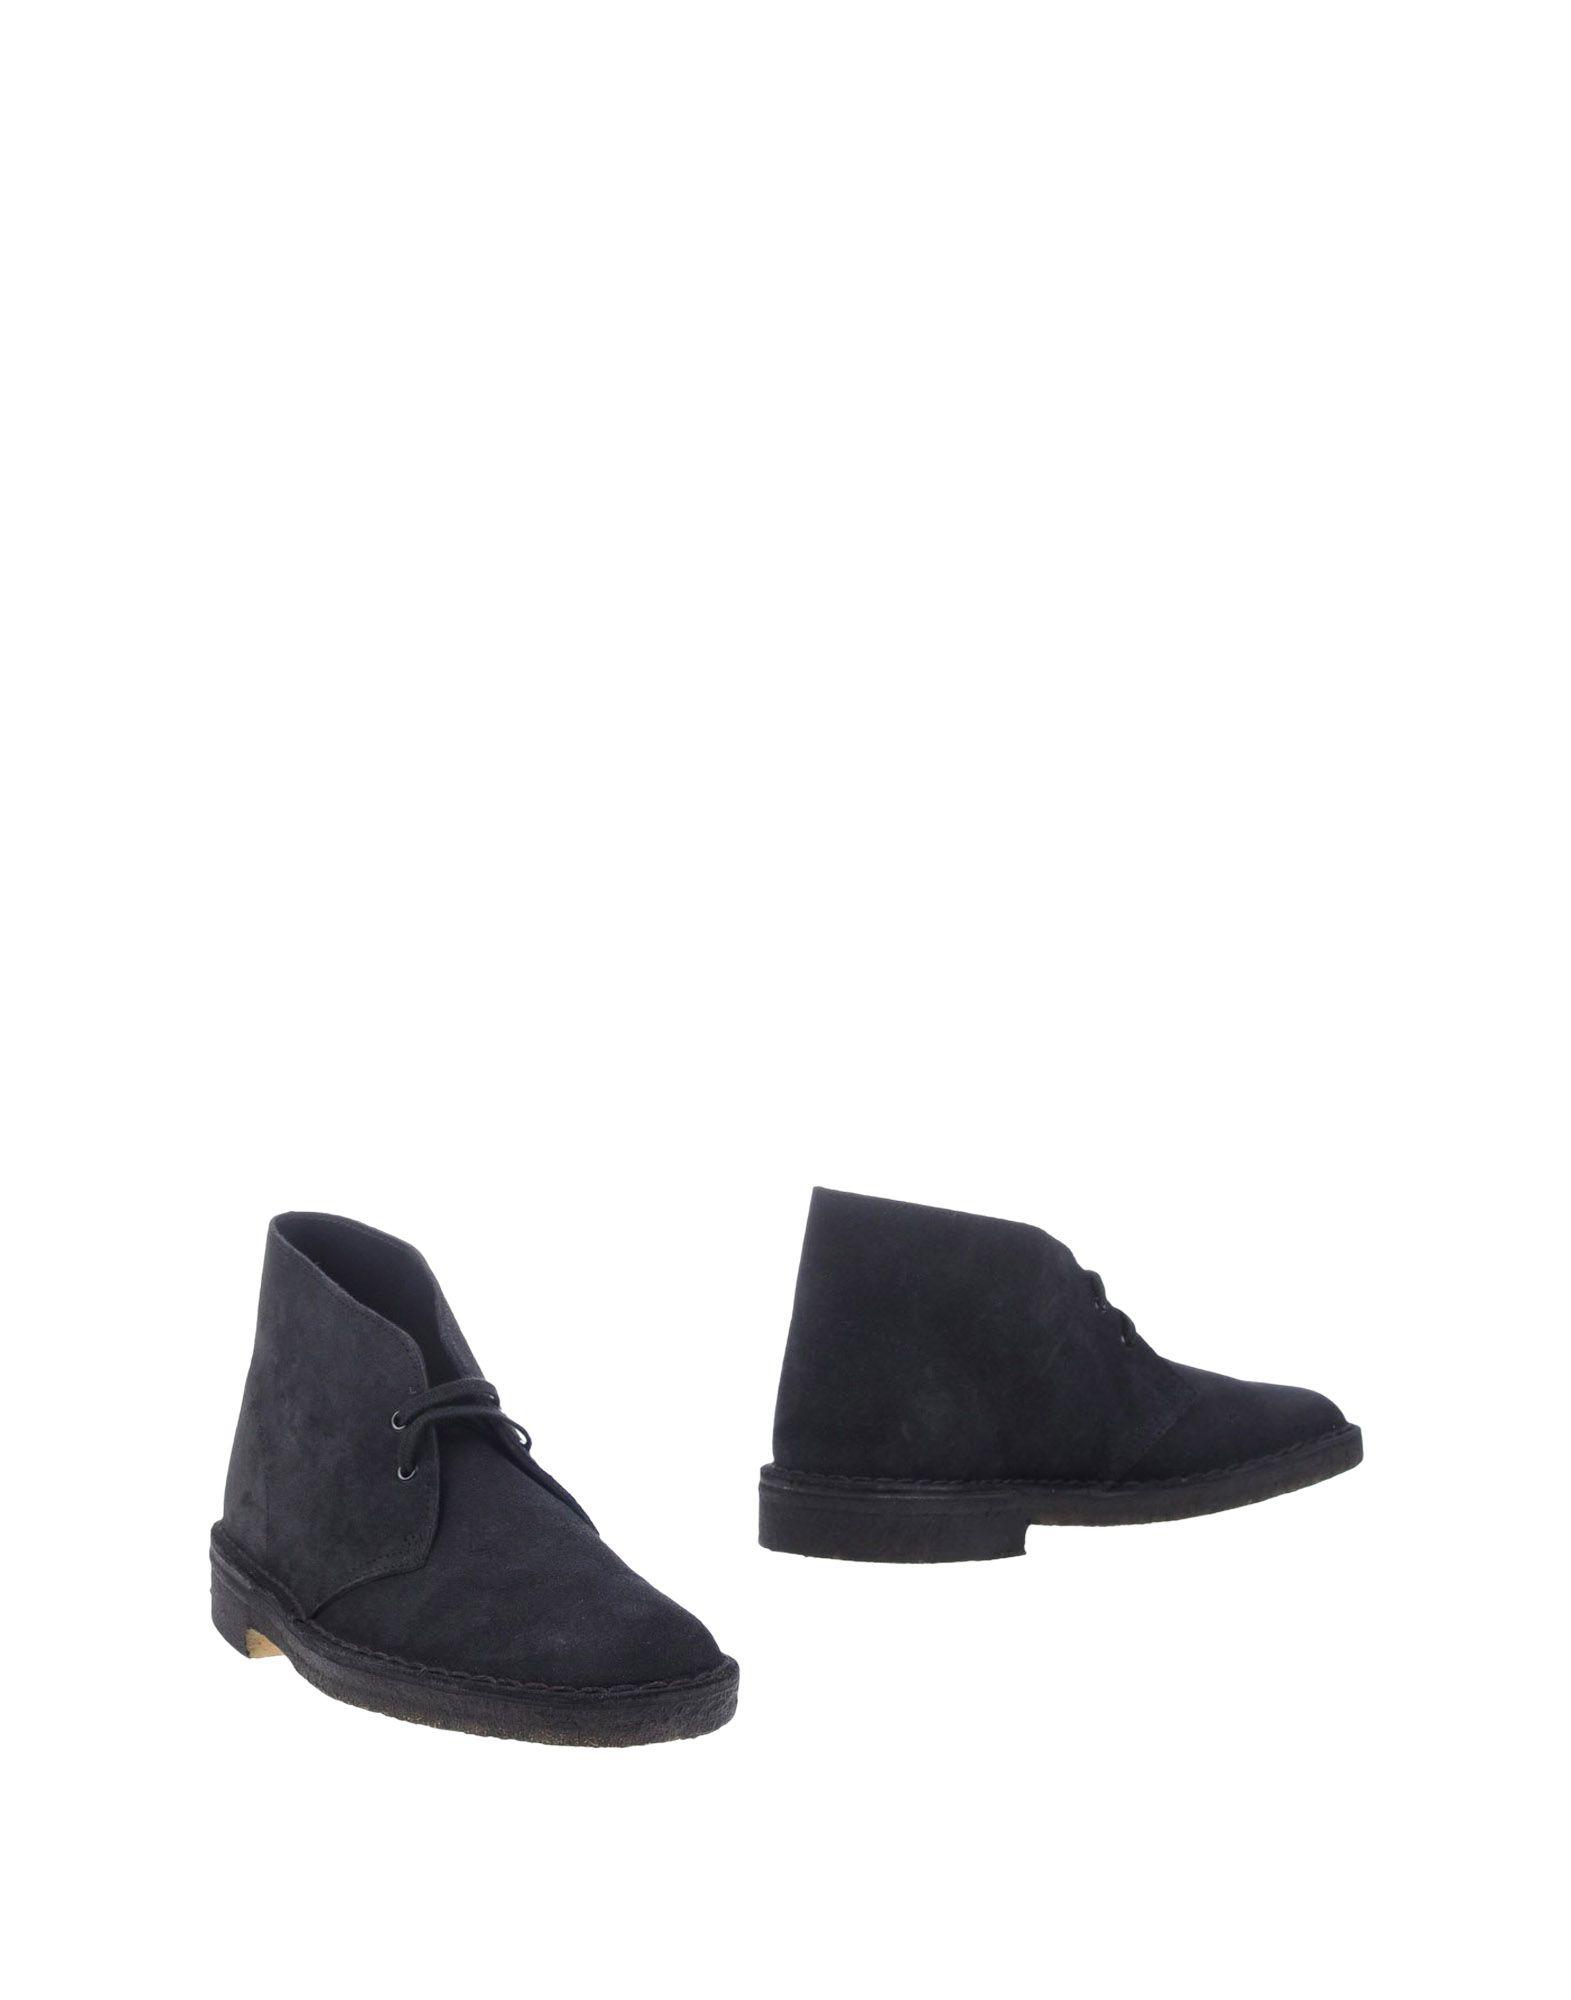 CLARKS ORIGINALS Полусапоги и высокие ботинки clarks полусапоги